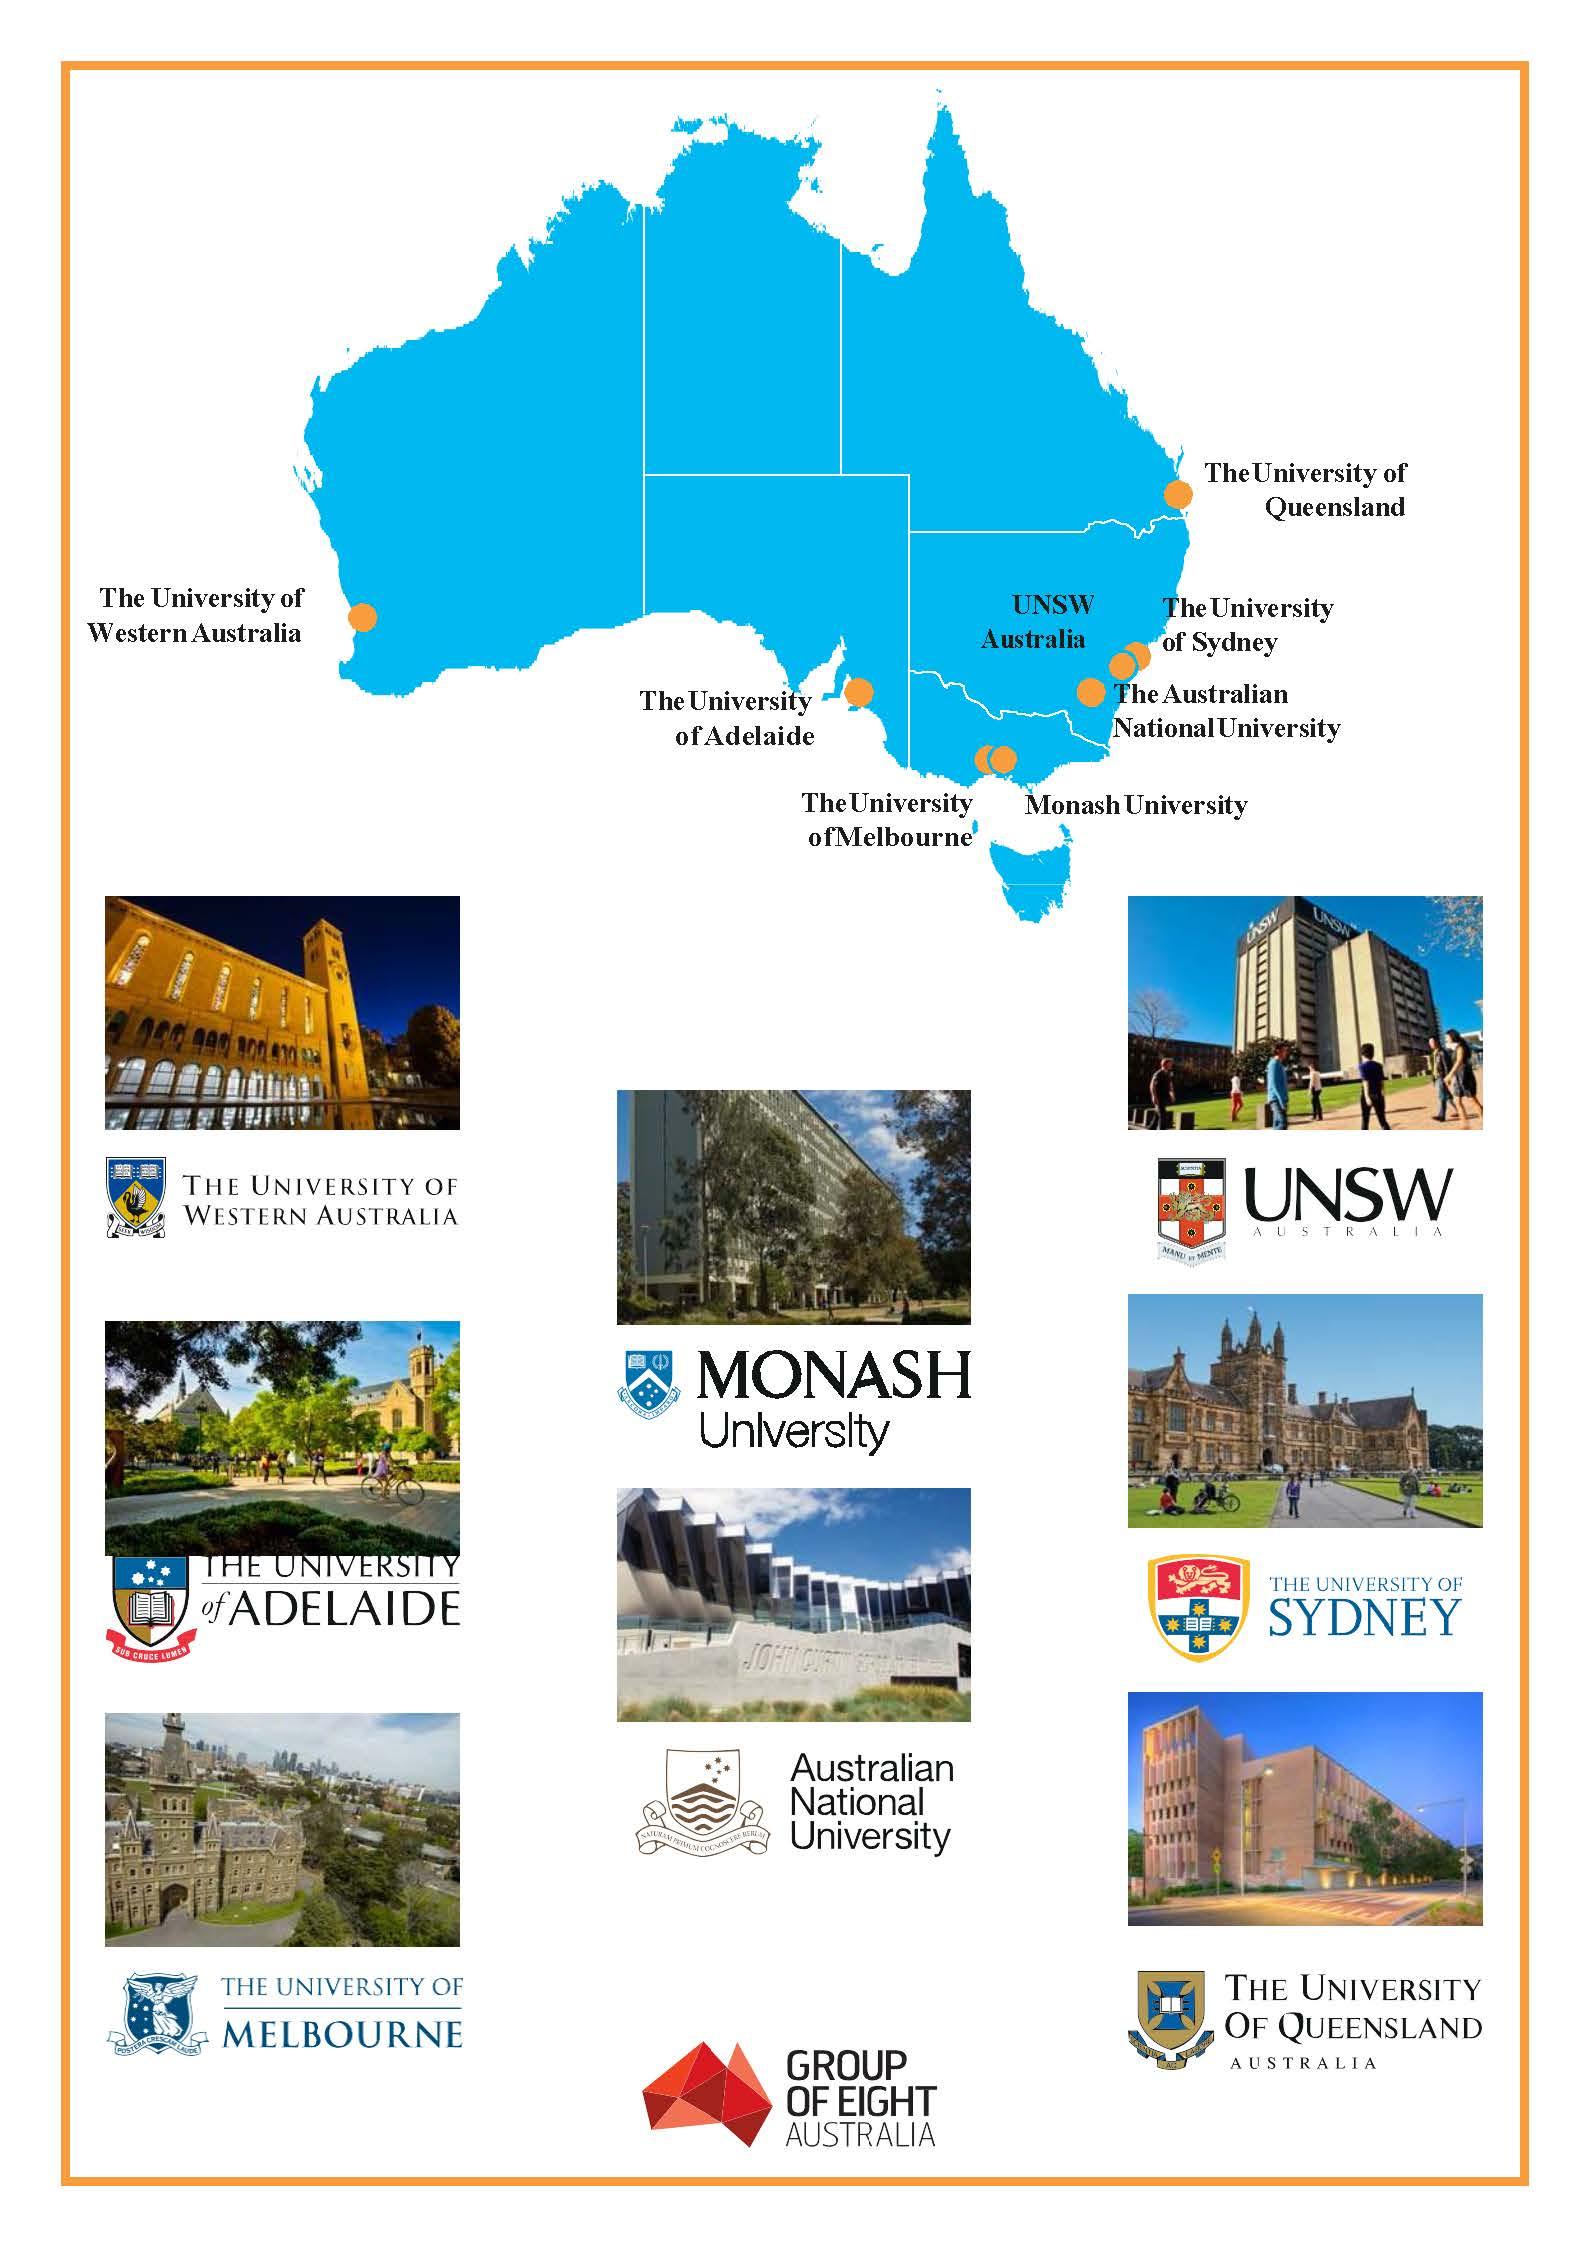 Thông tin về các trường đại học nằm trong nhóm Go8 - Úc